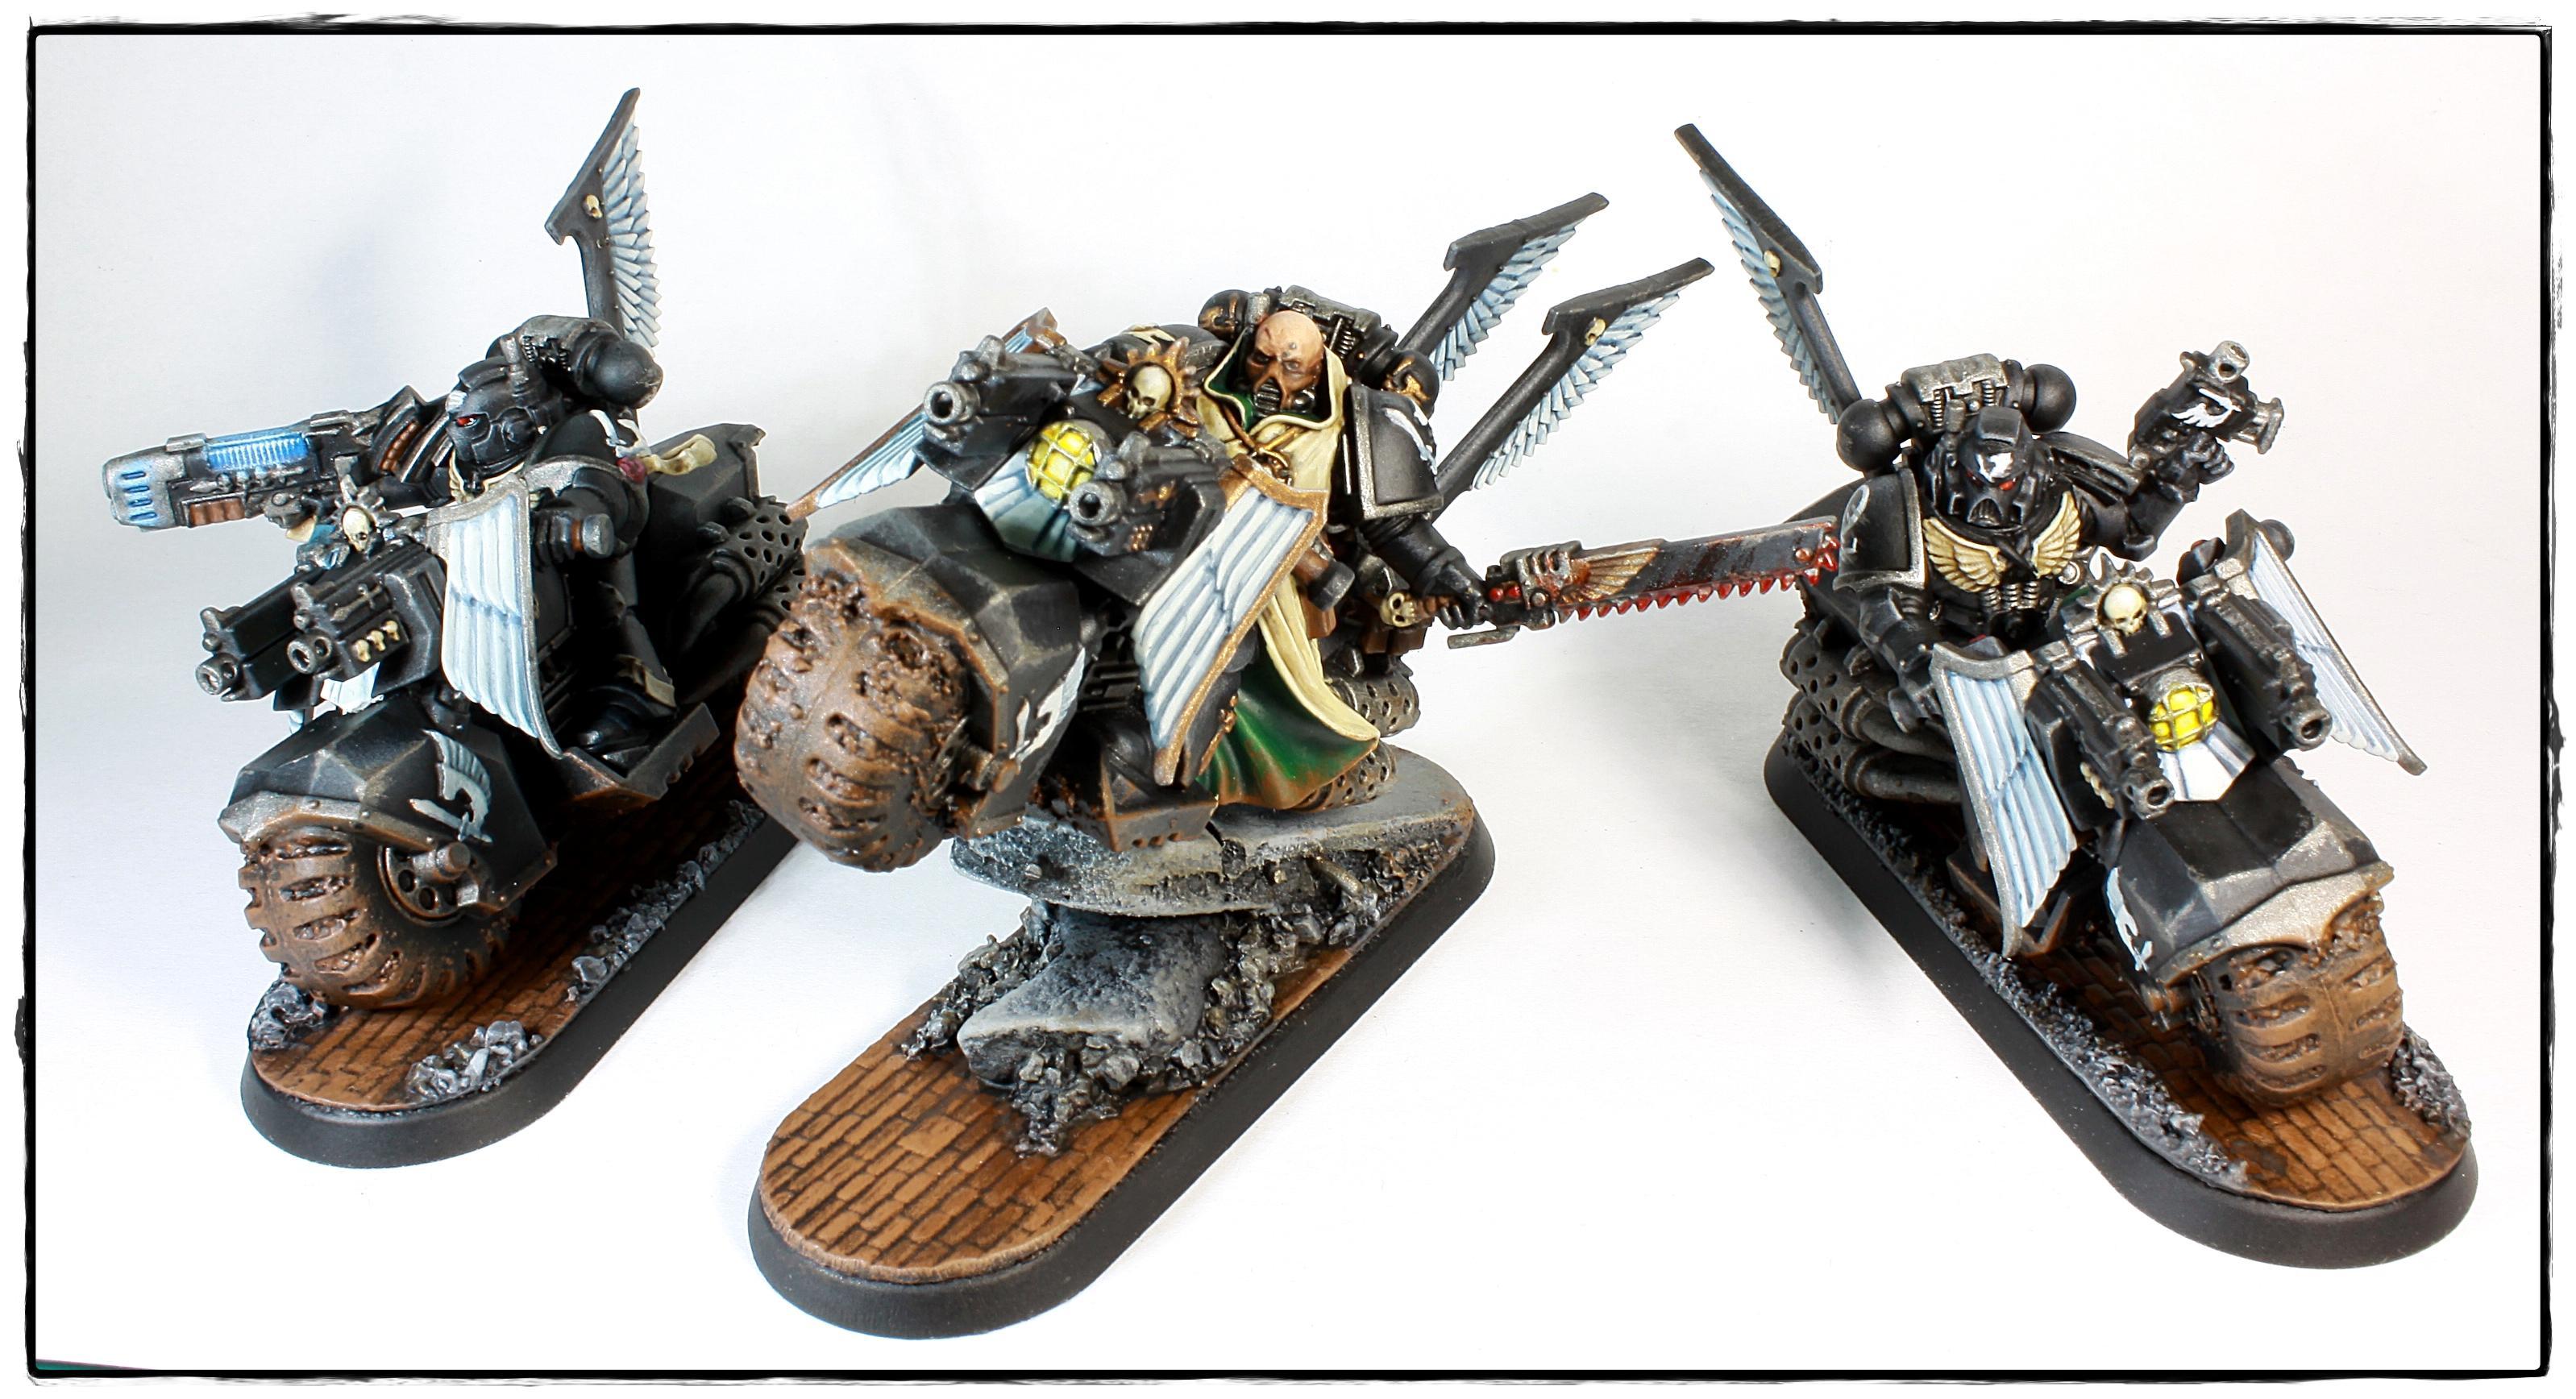 Dark Angels, Dark Vengeance, Ravenwing, Warhammer 40,000